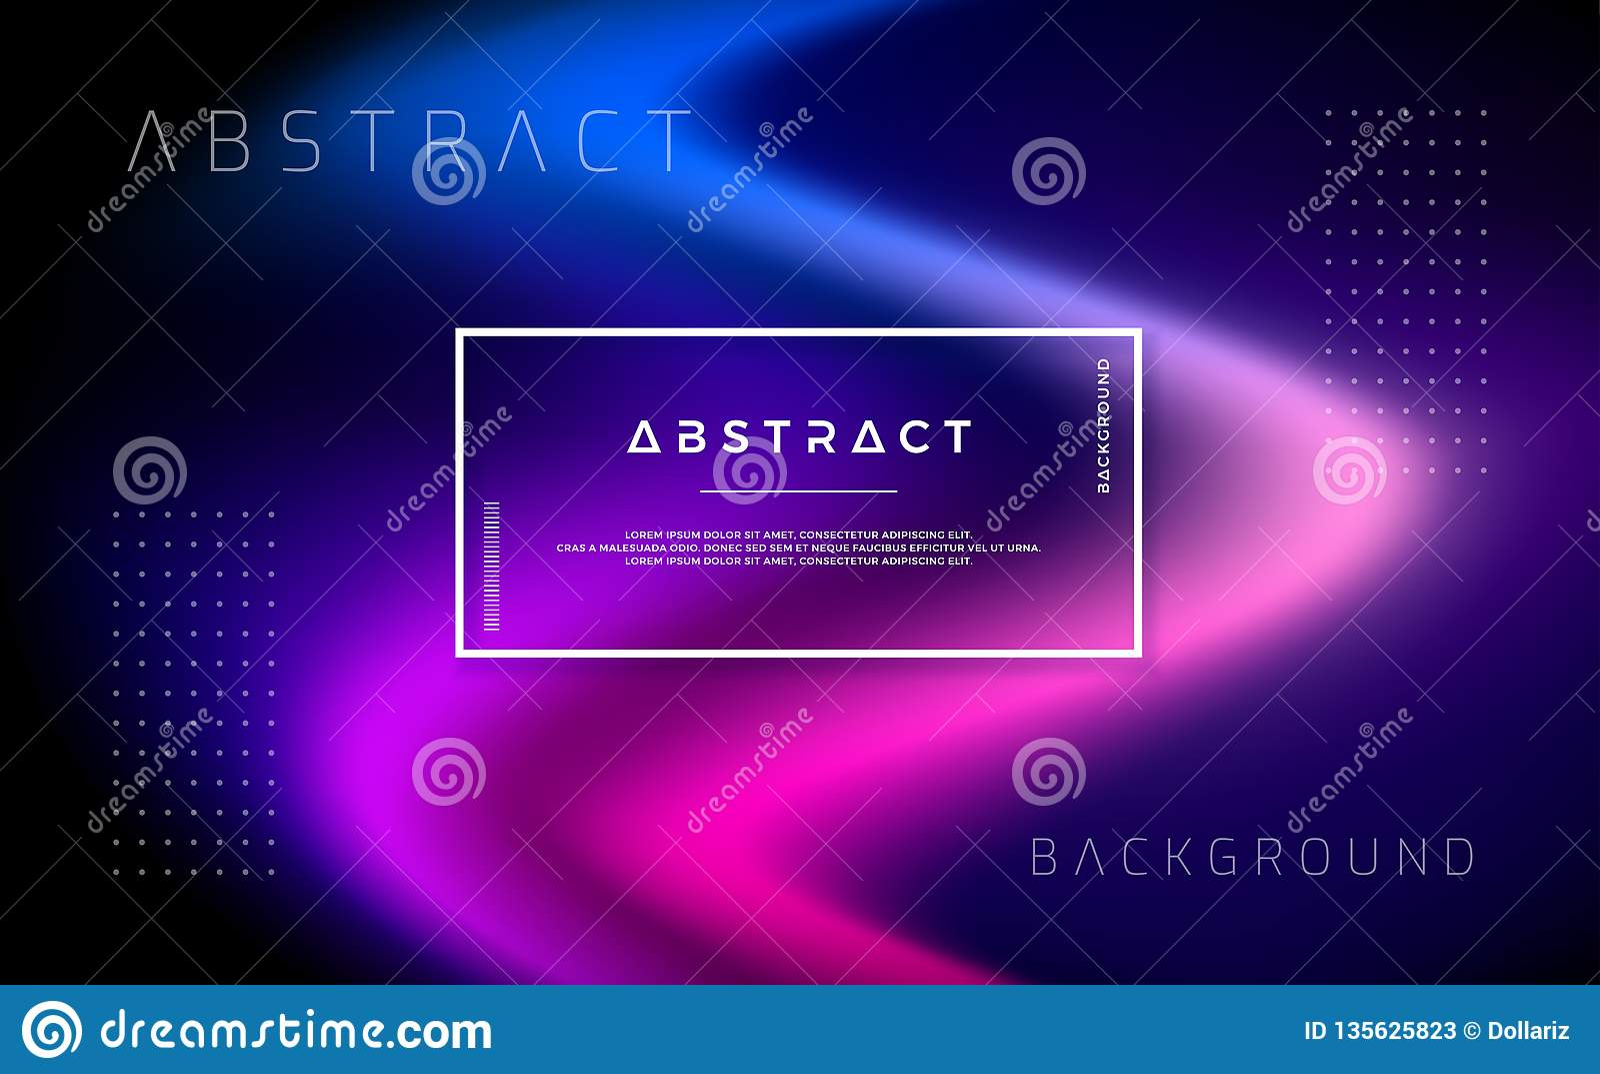 Abstrakt, nowożytny dynamiczny tło dla twój desantowego strona projekta Minimalny tło dla dla strona internetowa projektów